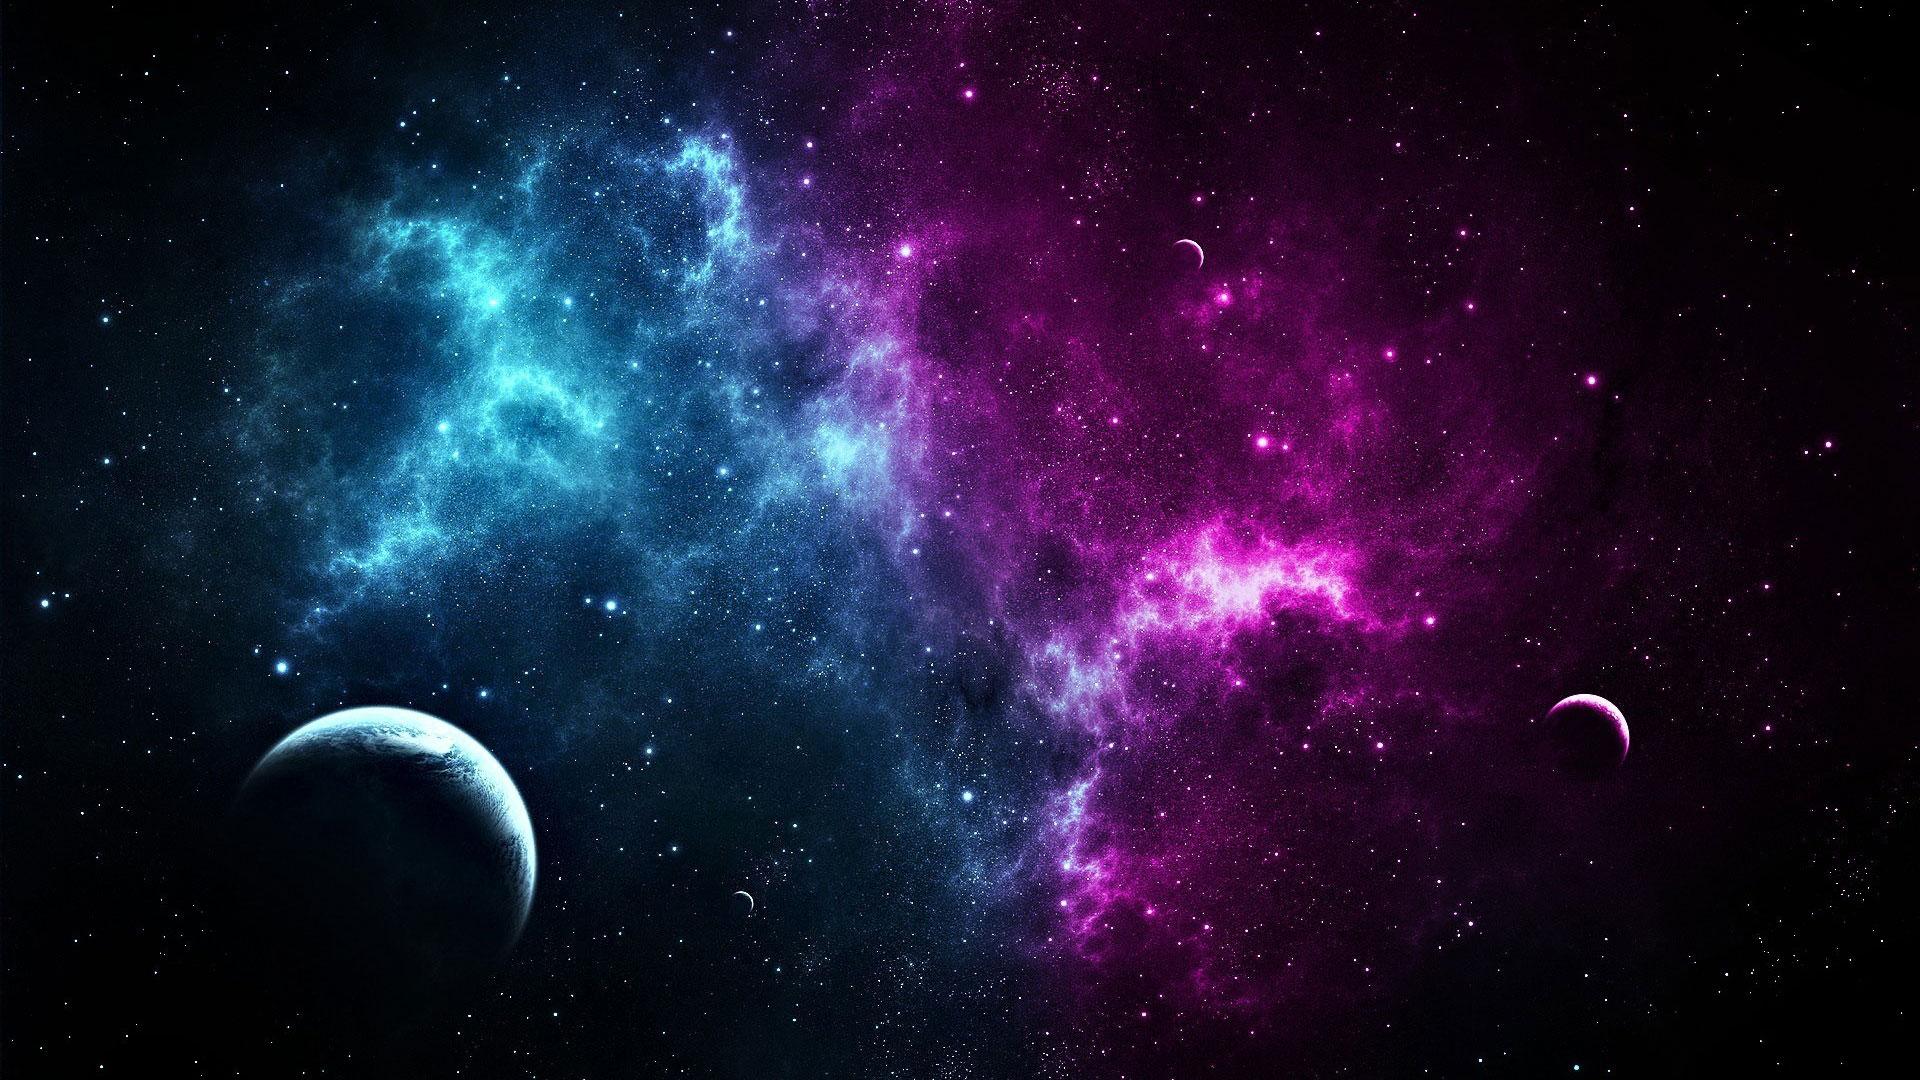 Скачать Картинки Космоса На Рабочий Стол Бесплатно